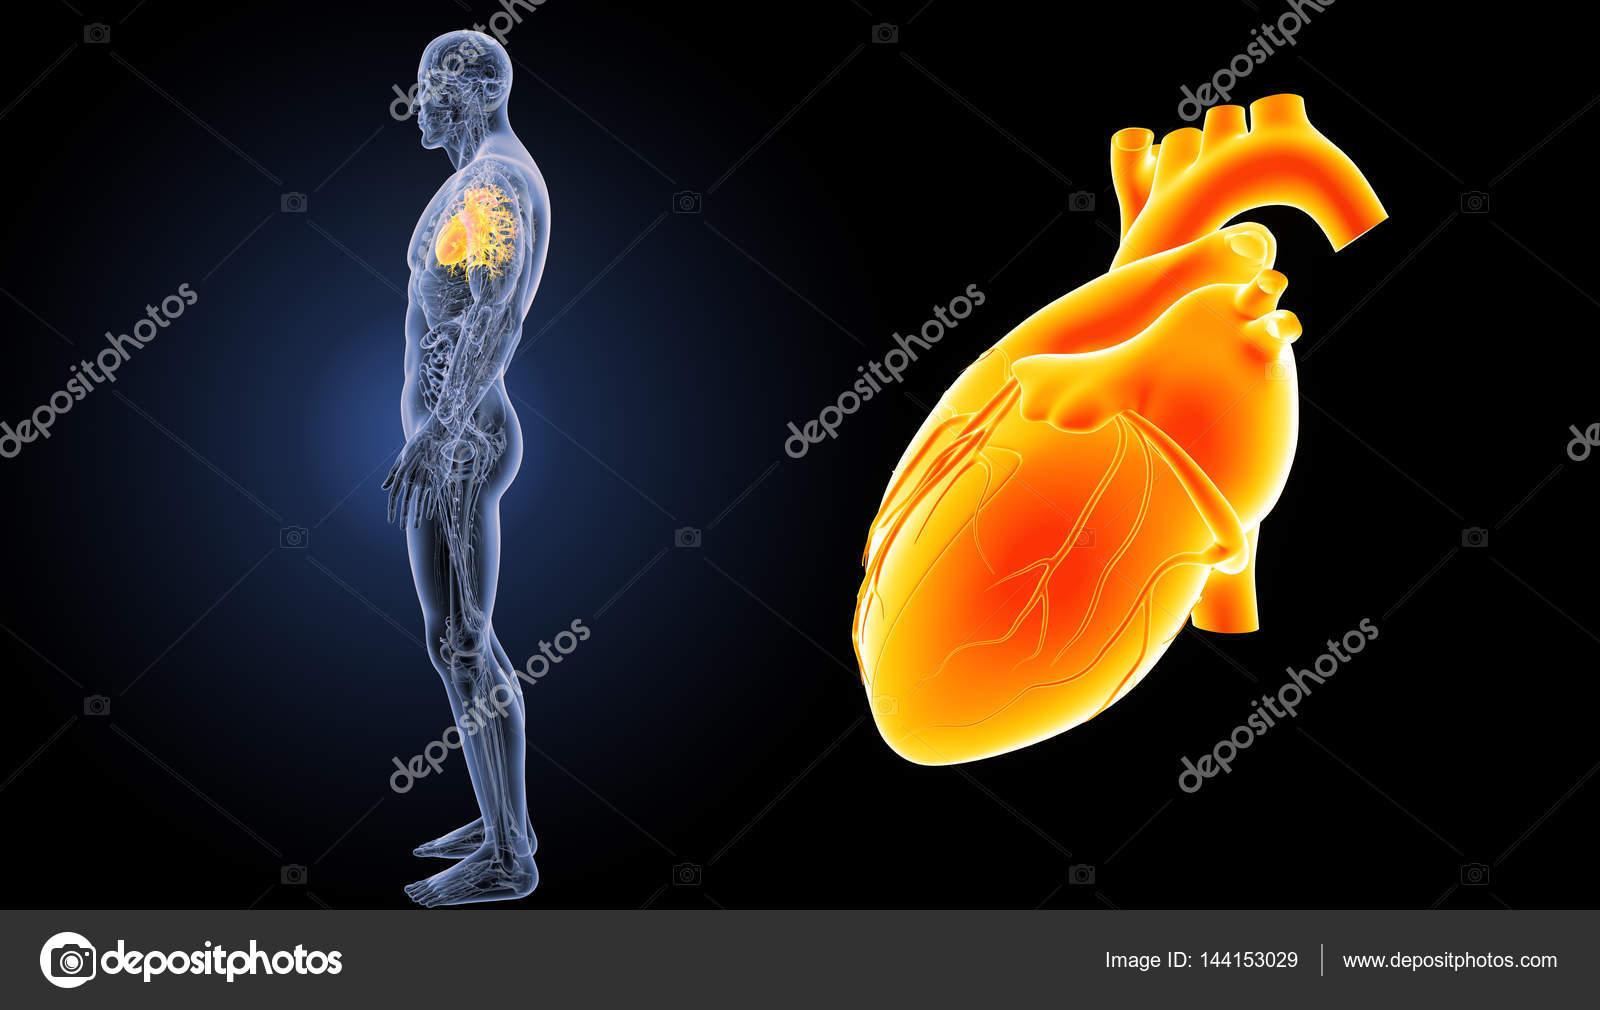 Ansicht des menschlichen Herzens — Stockfoto © sciencepics #144153029